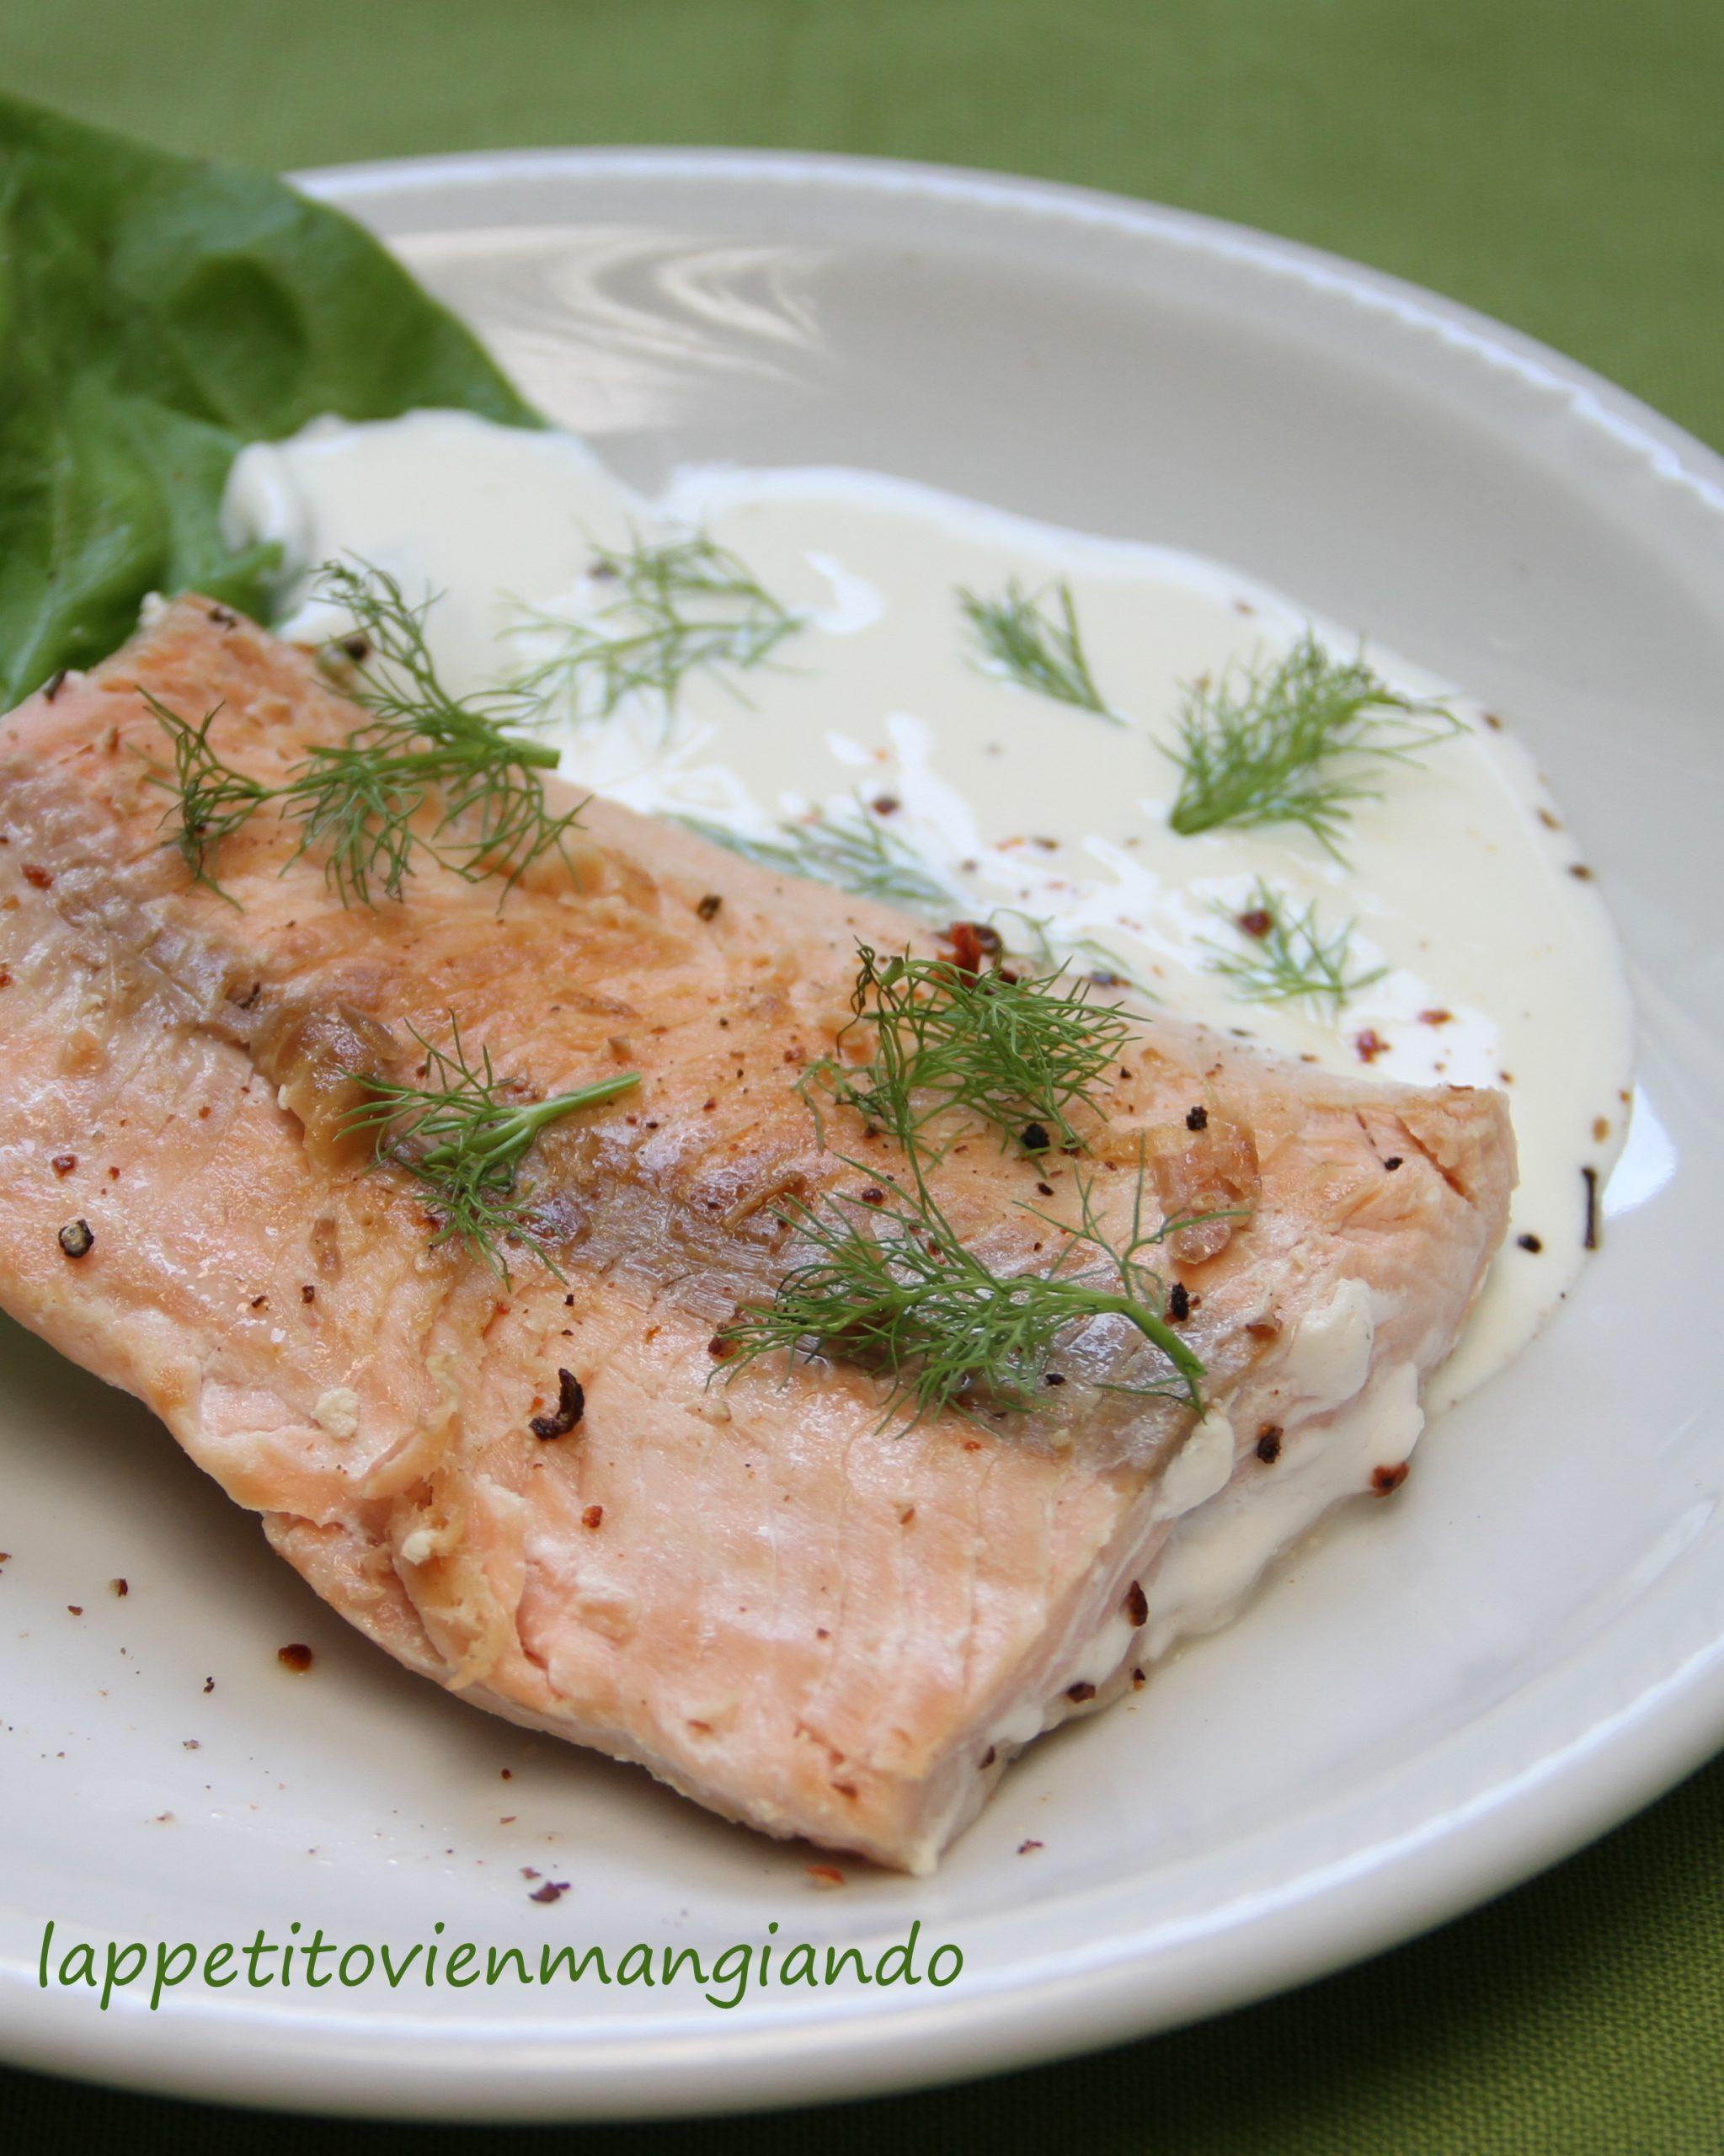 Salmone arrostito e panna acida